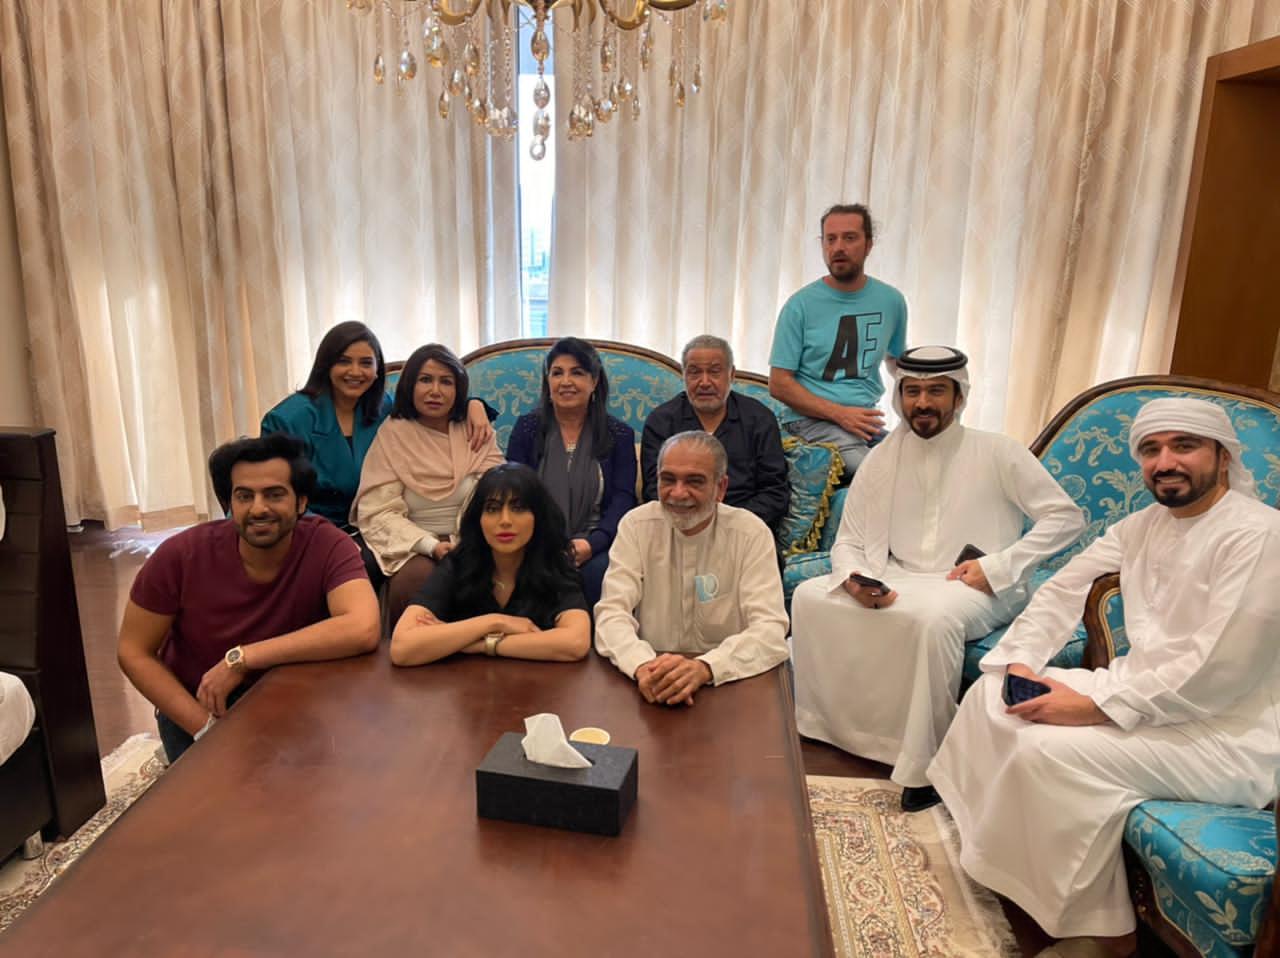 مريم الغامدي في كواليس مسلسل عود حي مع فريق العمل